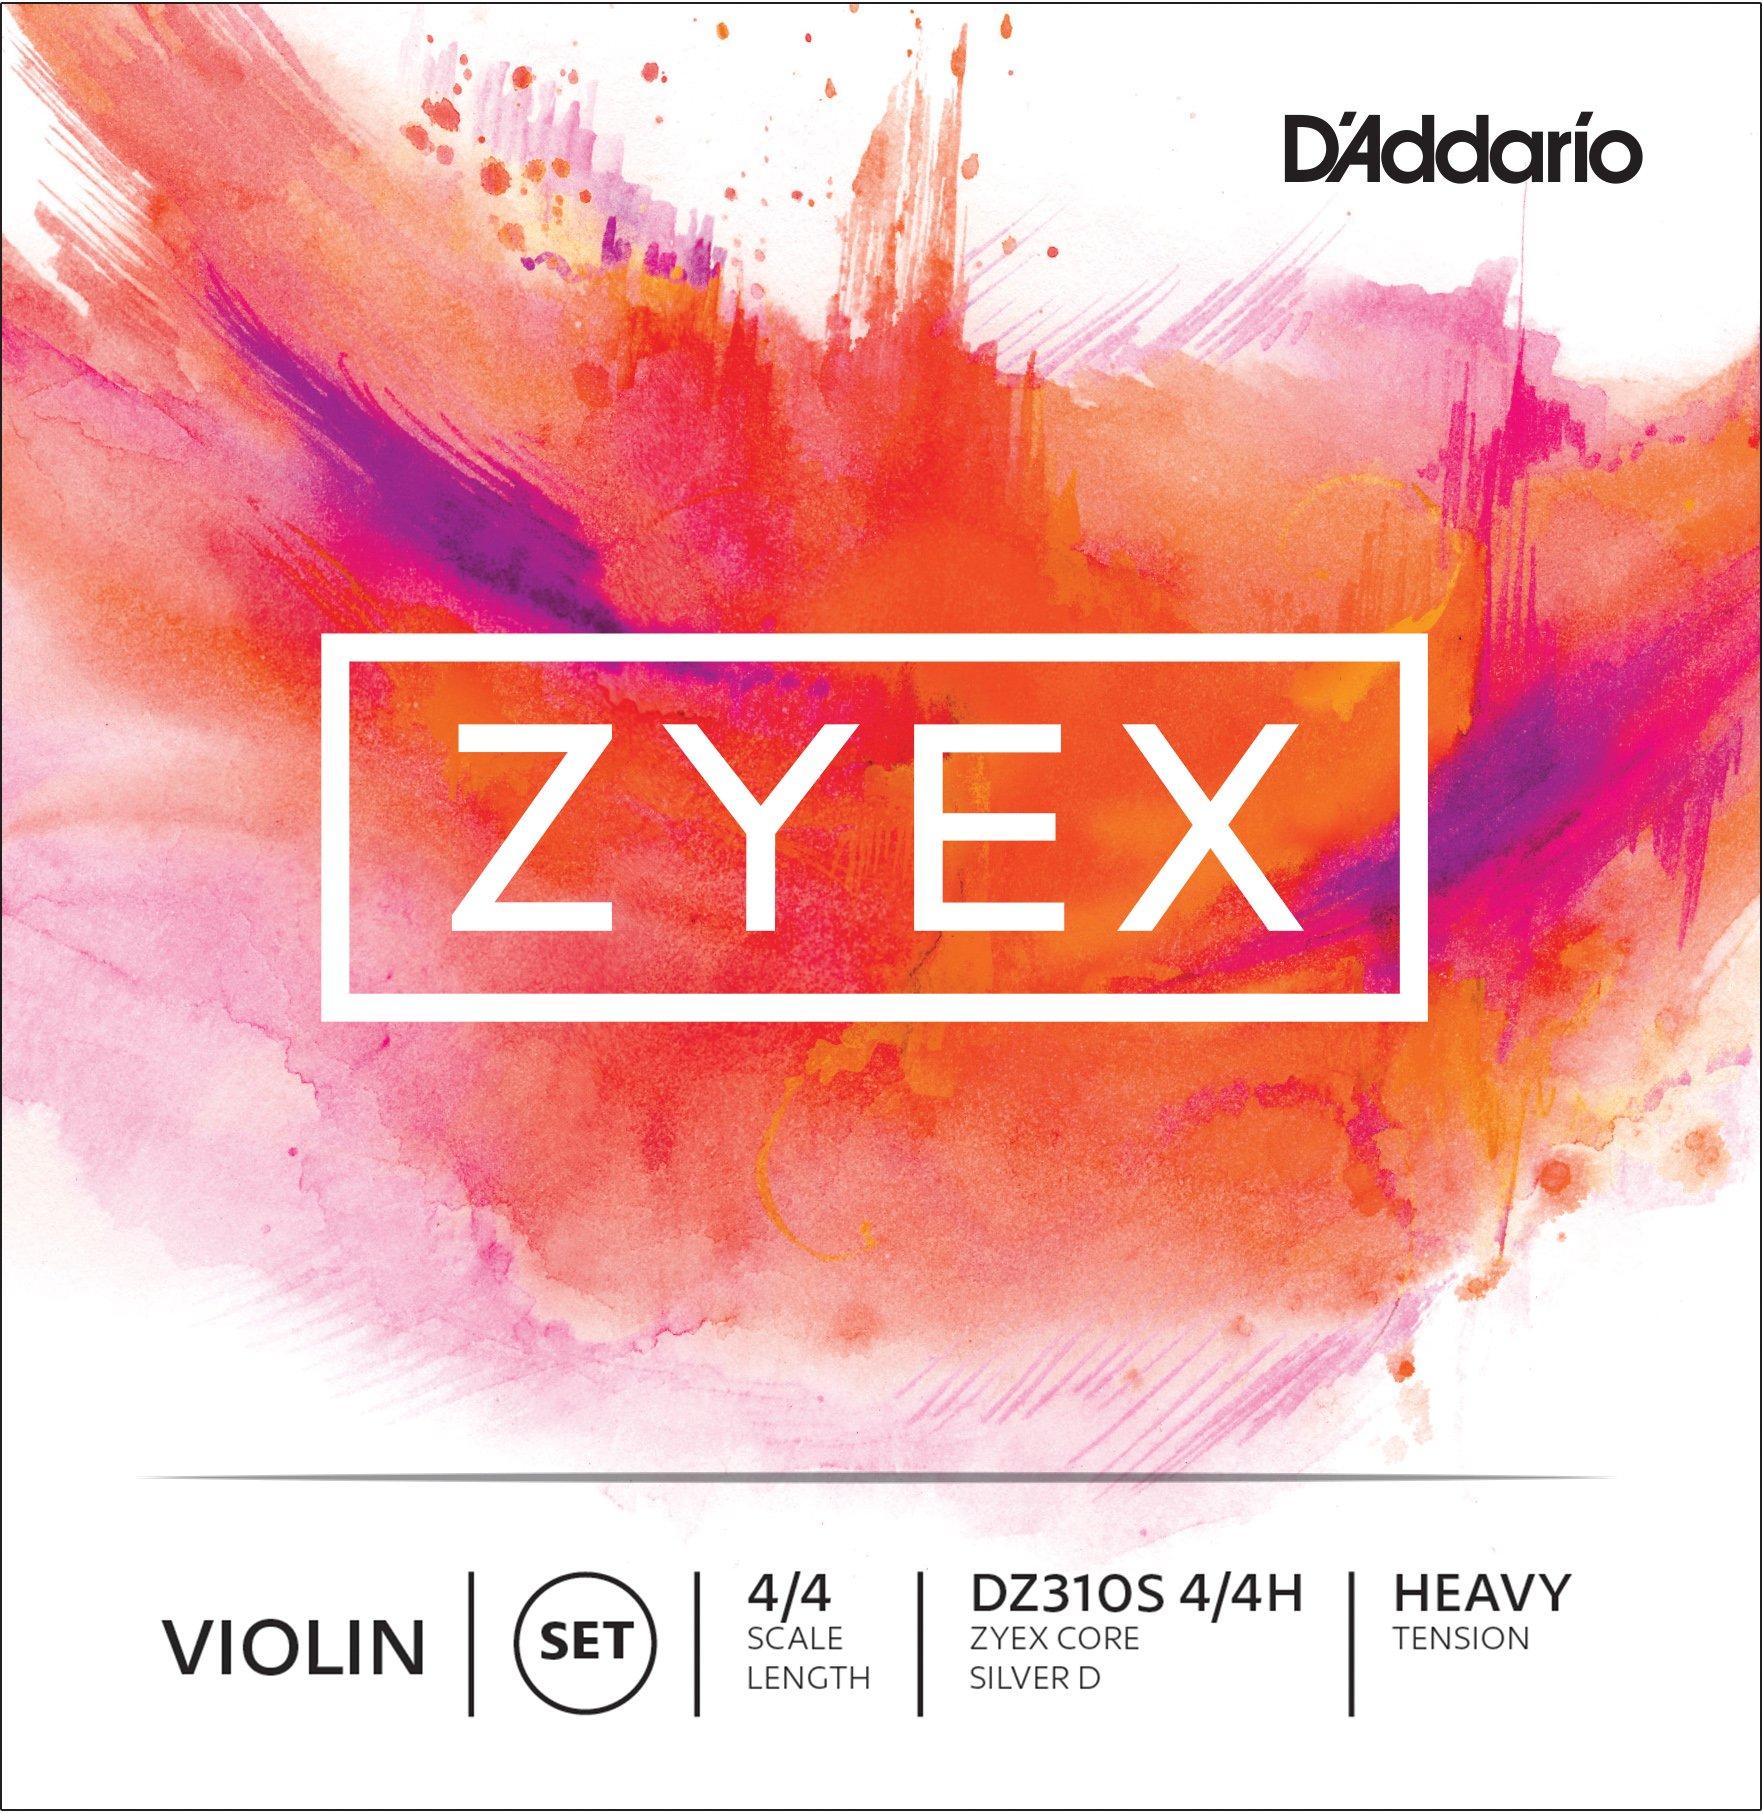 D'Addario DZ310S 4/4H Zyex Composite Music Staff Paper